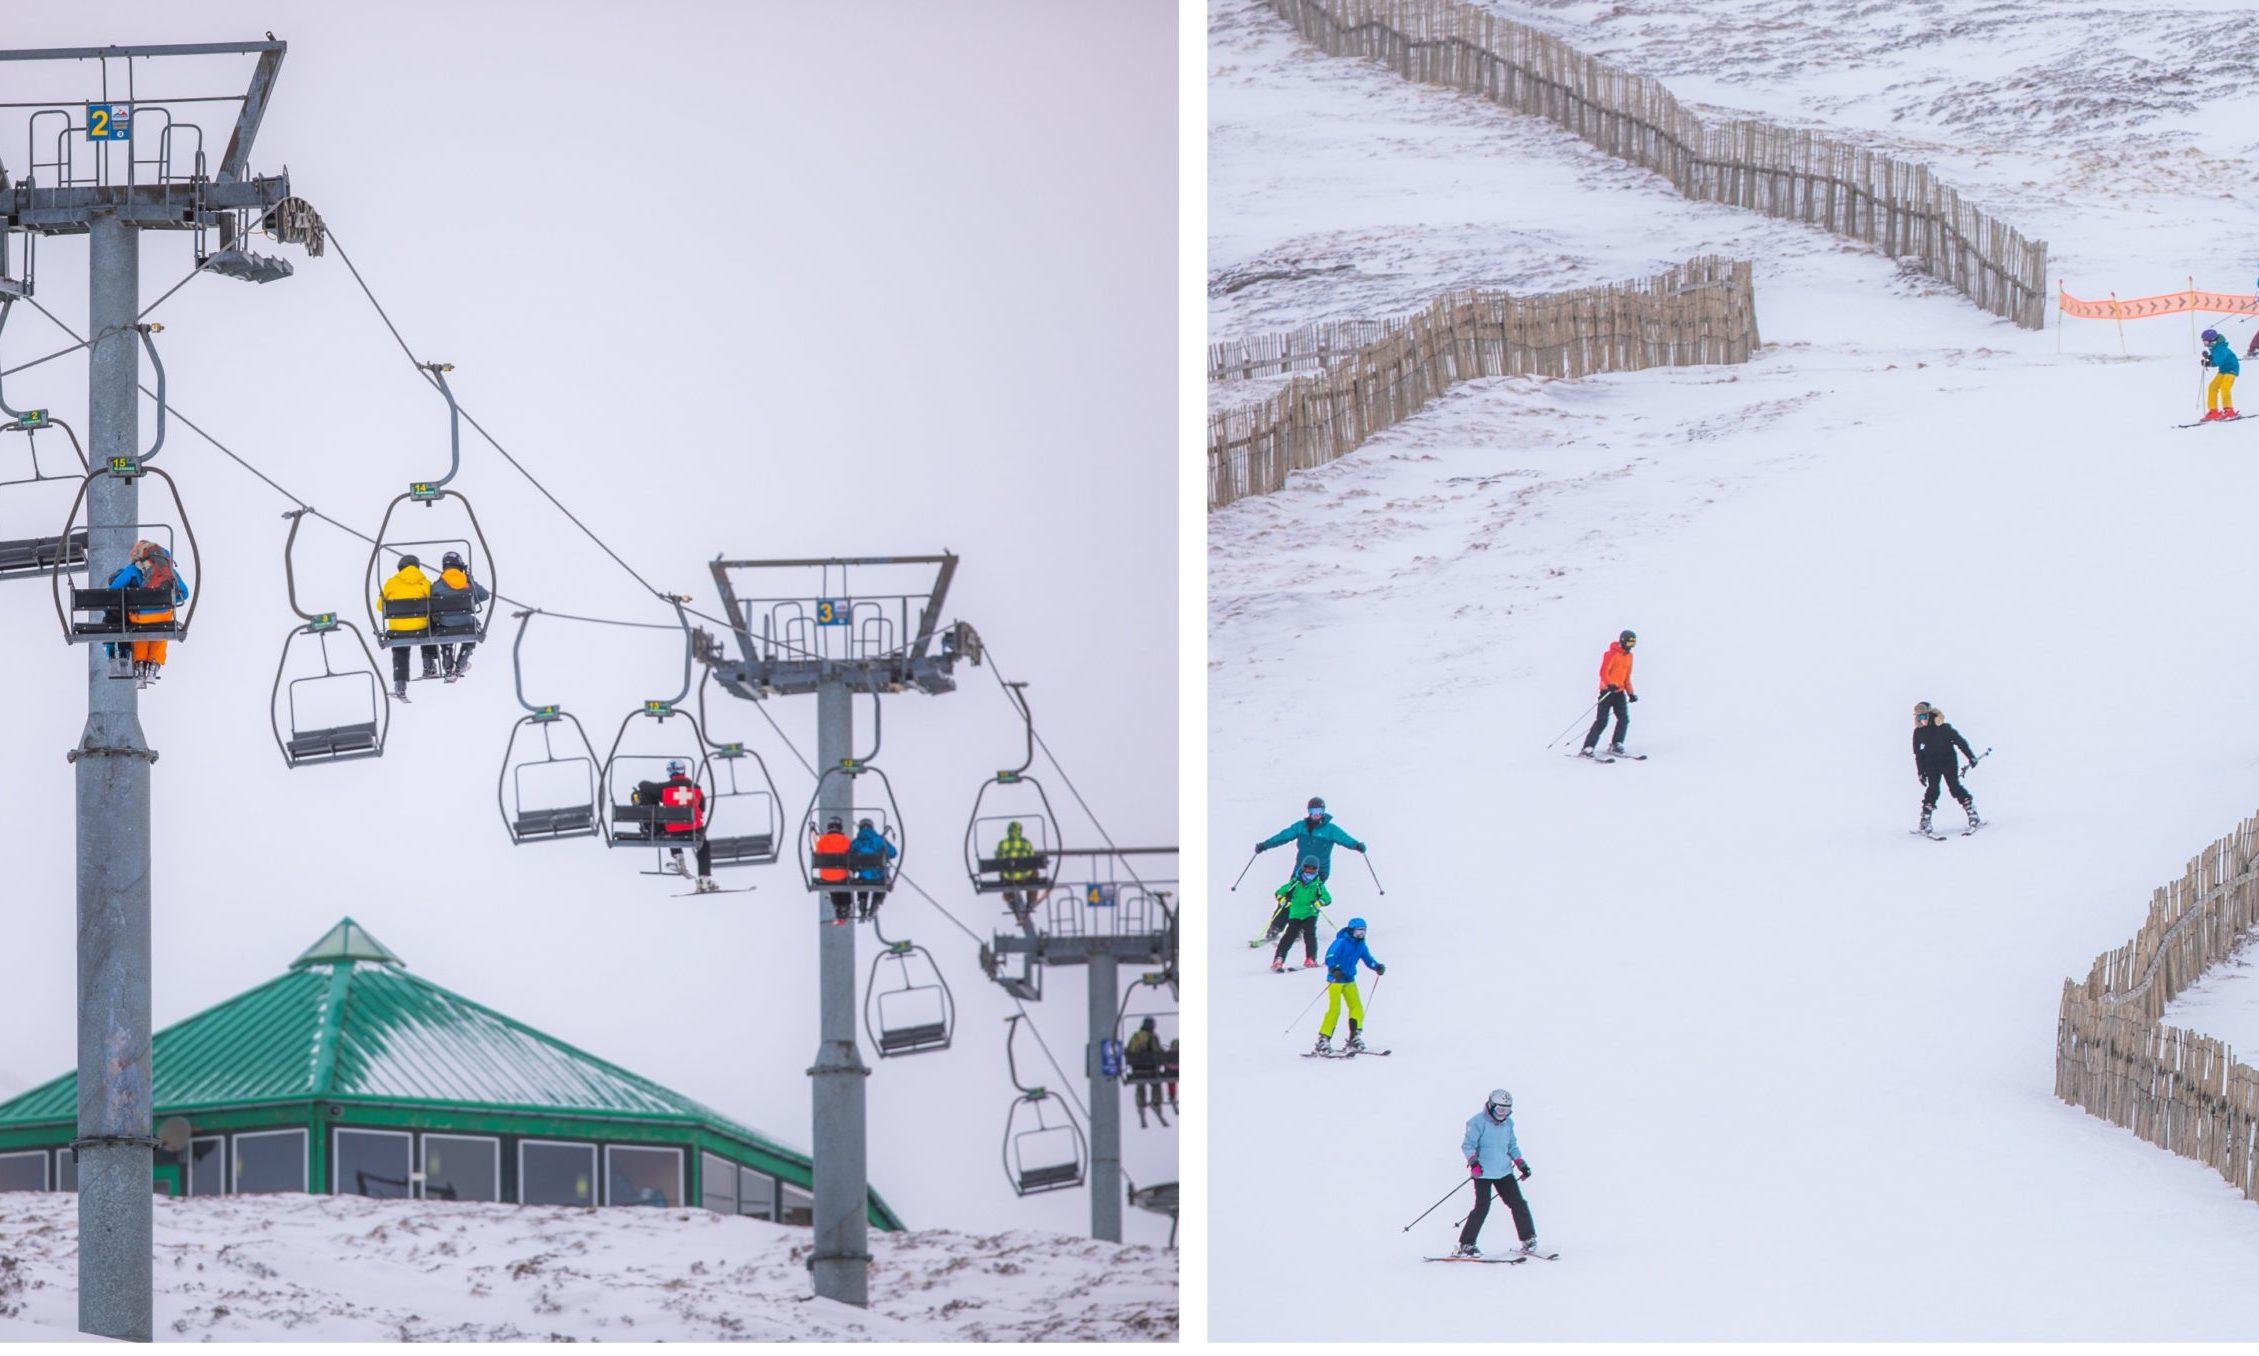 Glenshee Ski Centre on Wednesday, February 19.